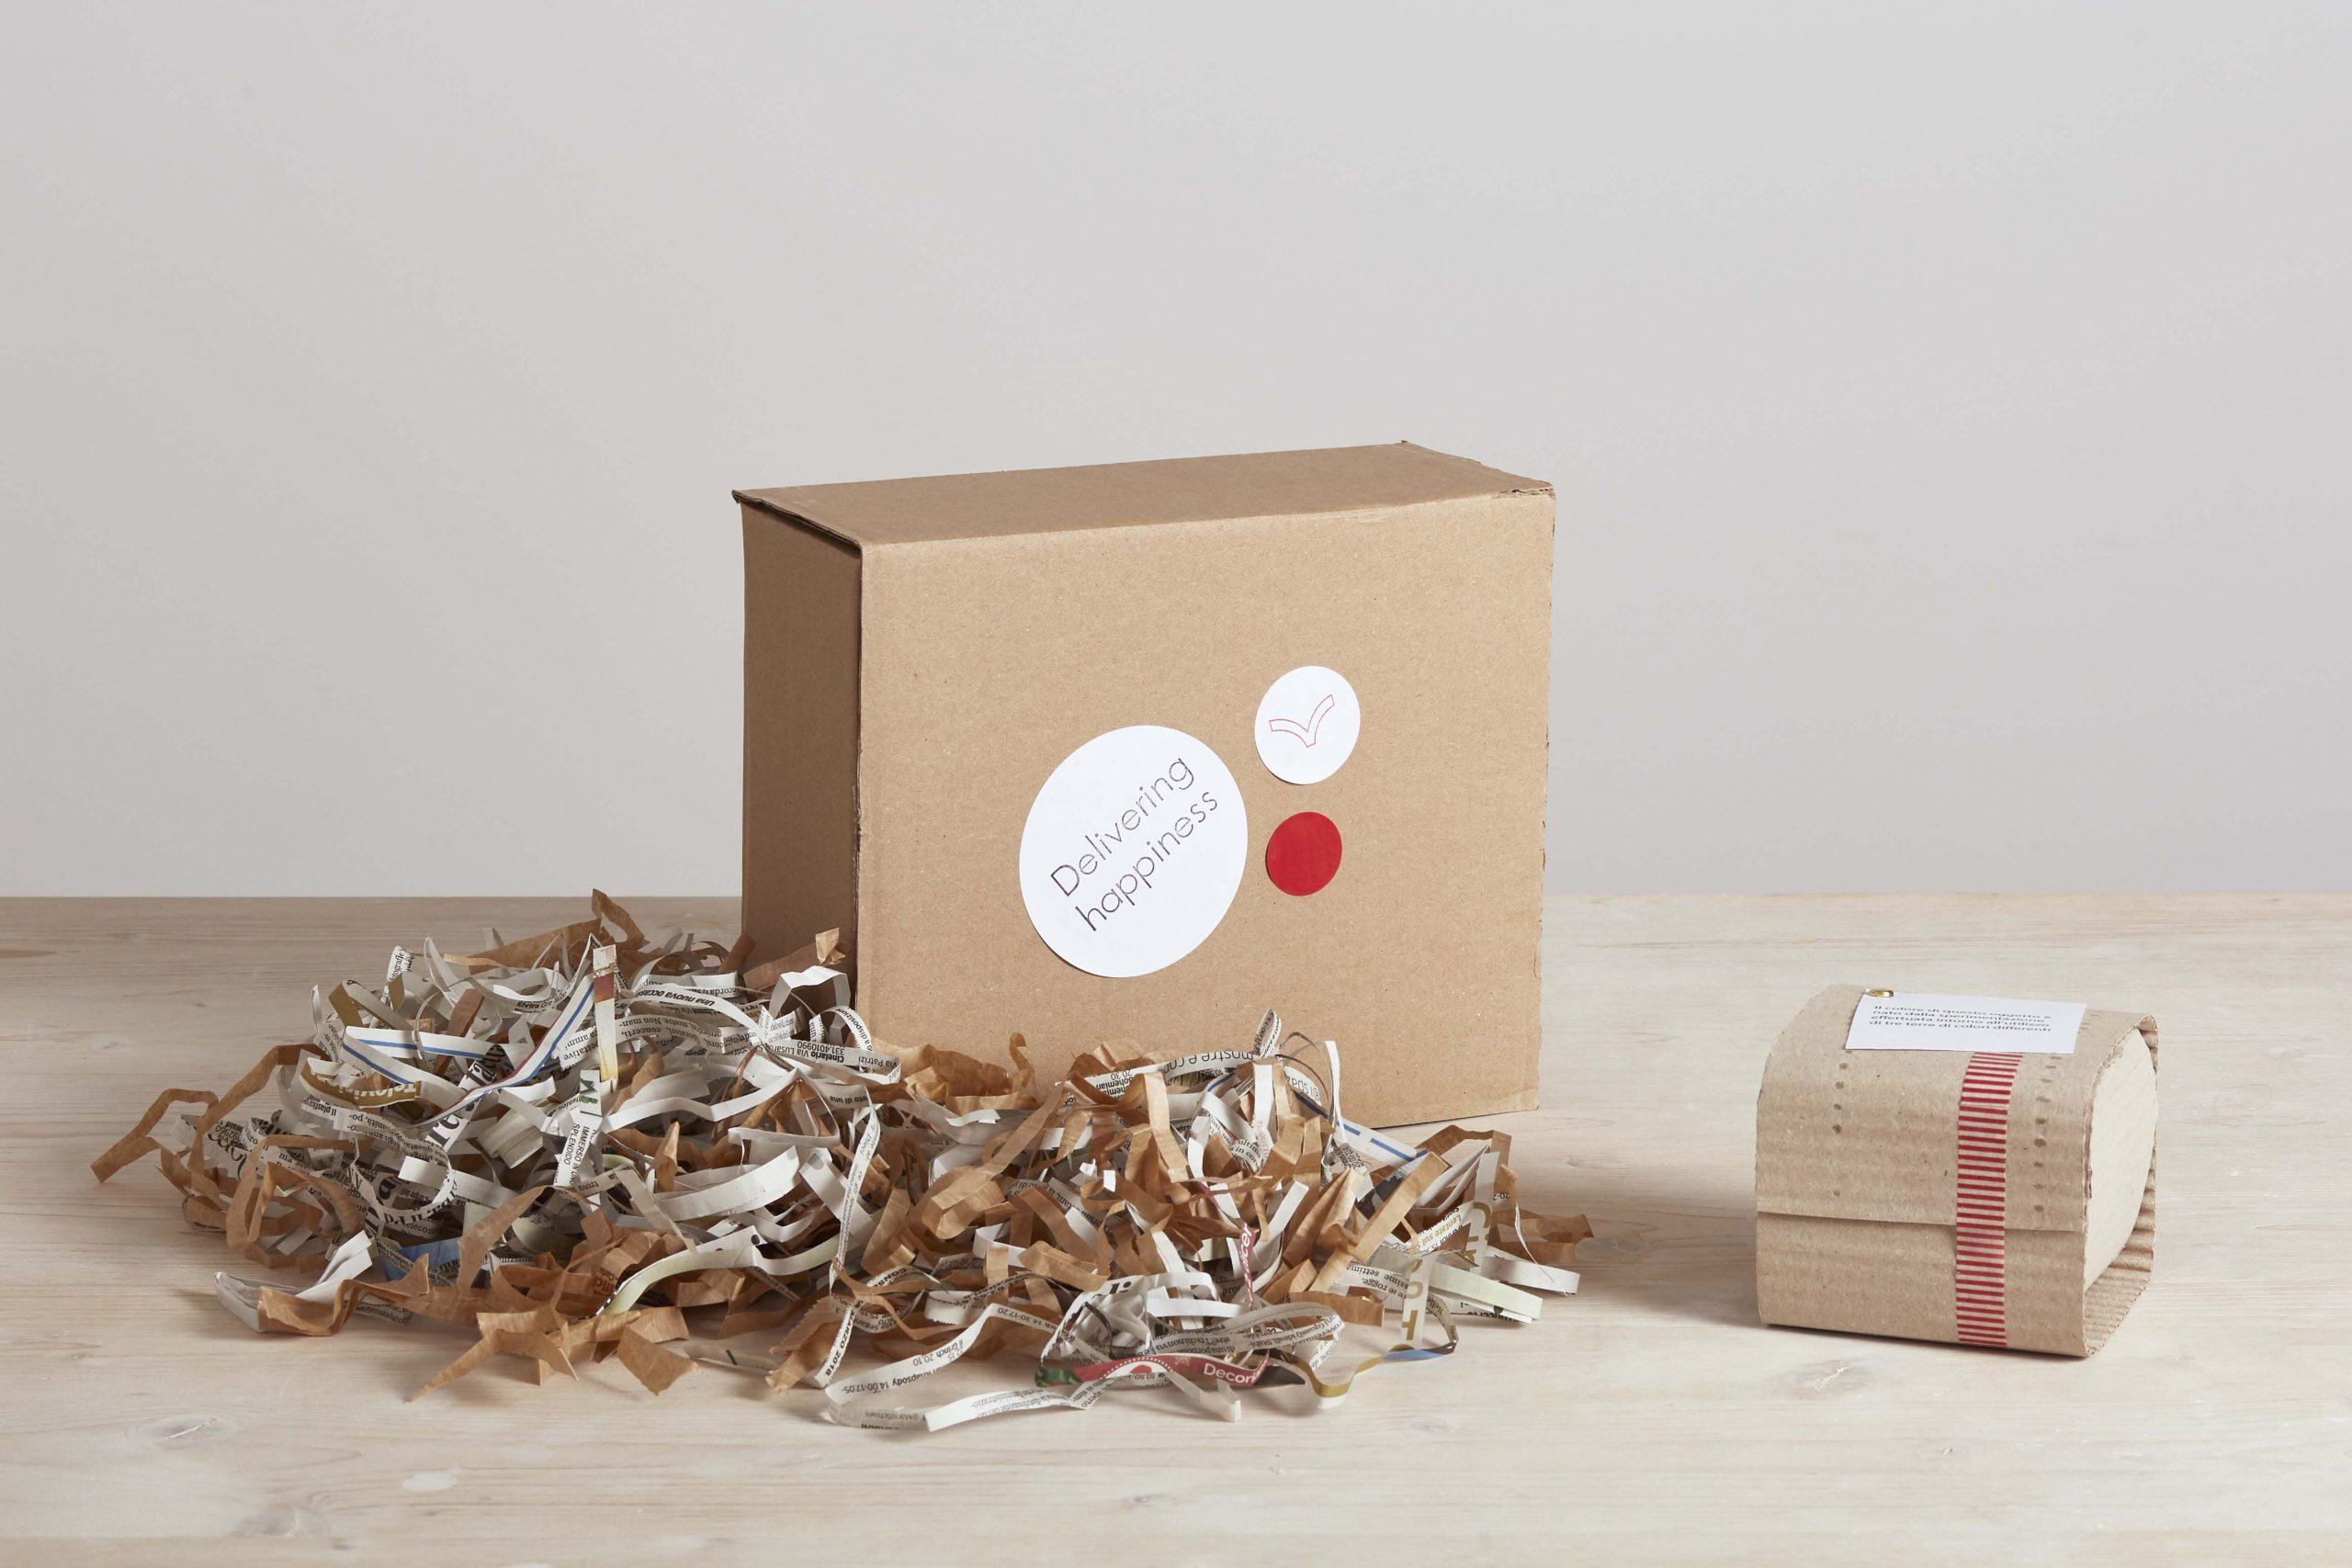 due scatole con dell'imballaggio - artigianale - Federica Ramacciotti